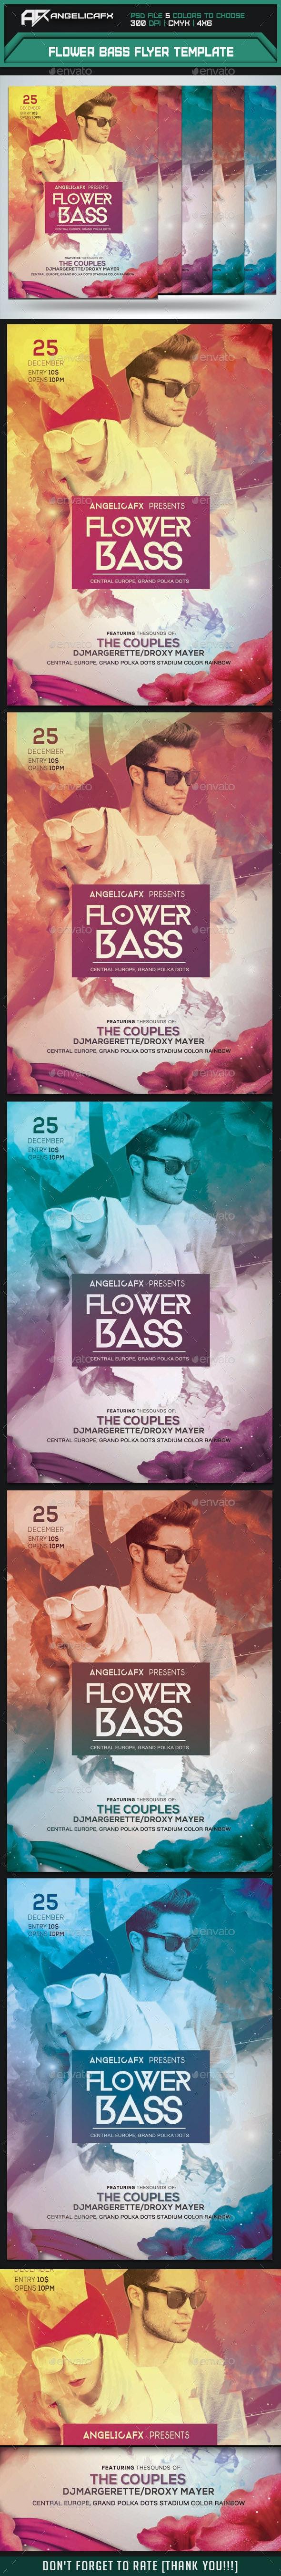 Flower Bass Flyer Template - Flyers Print Templates